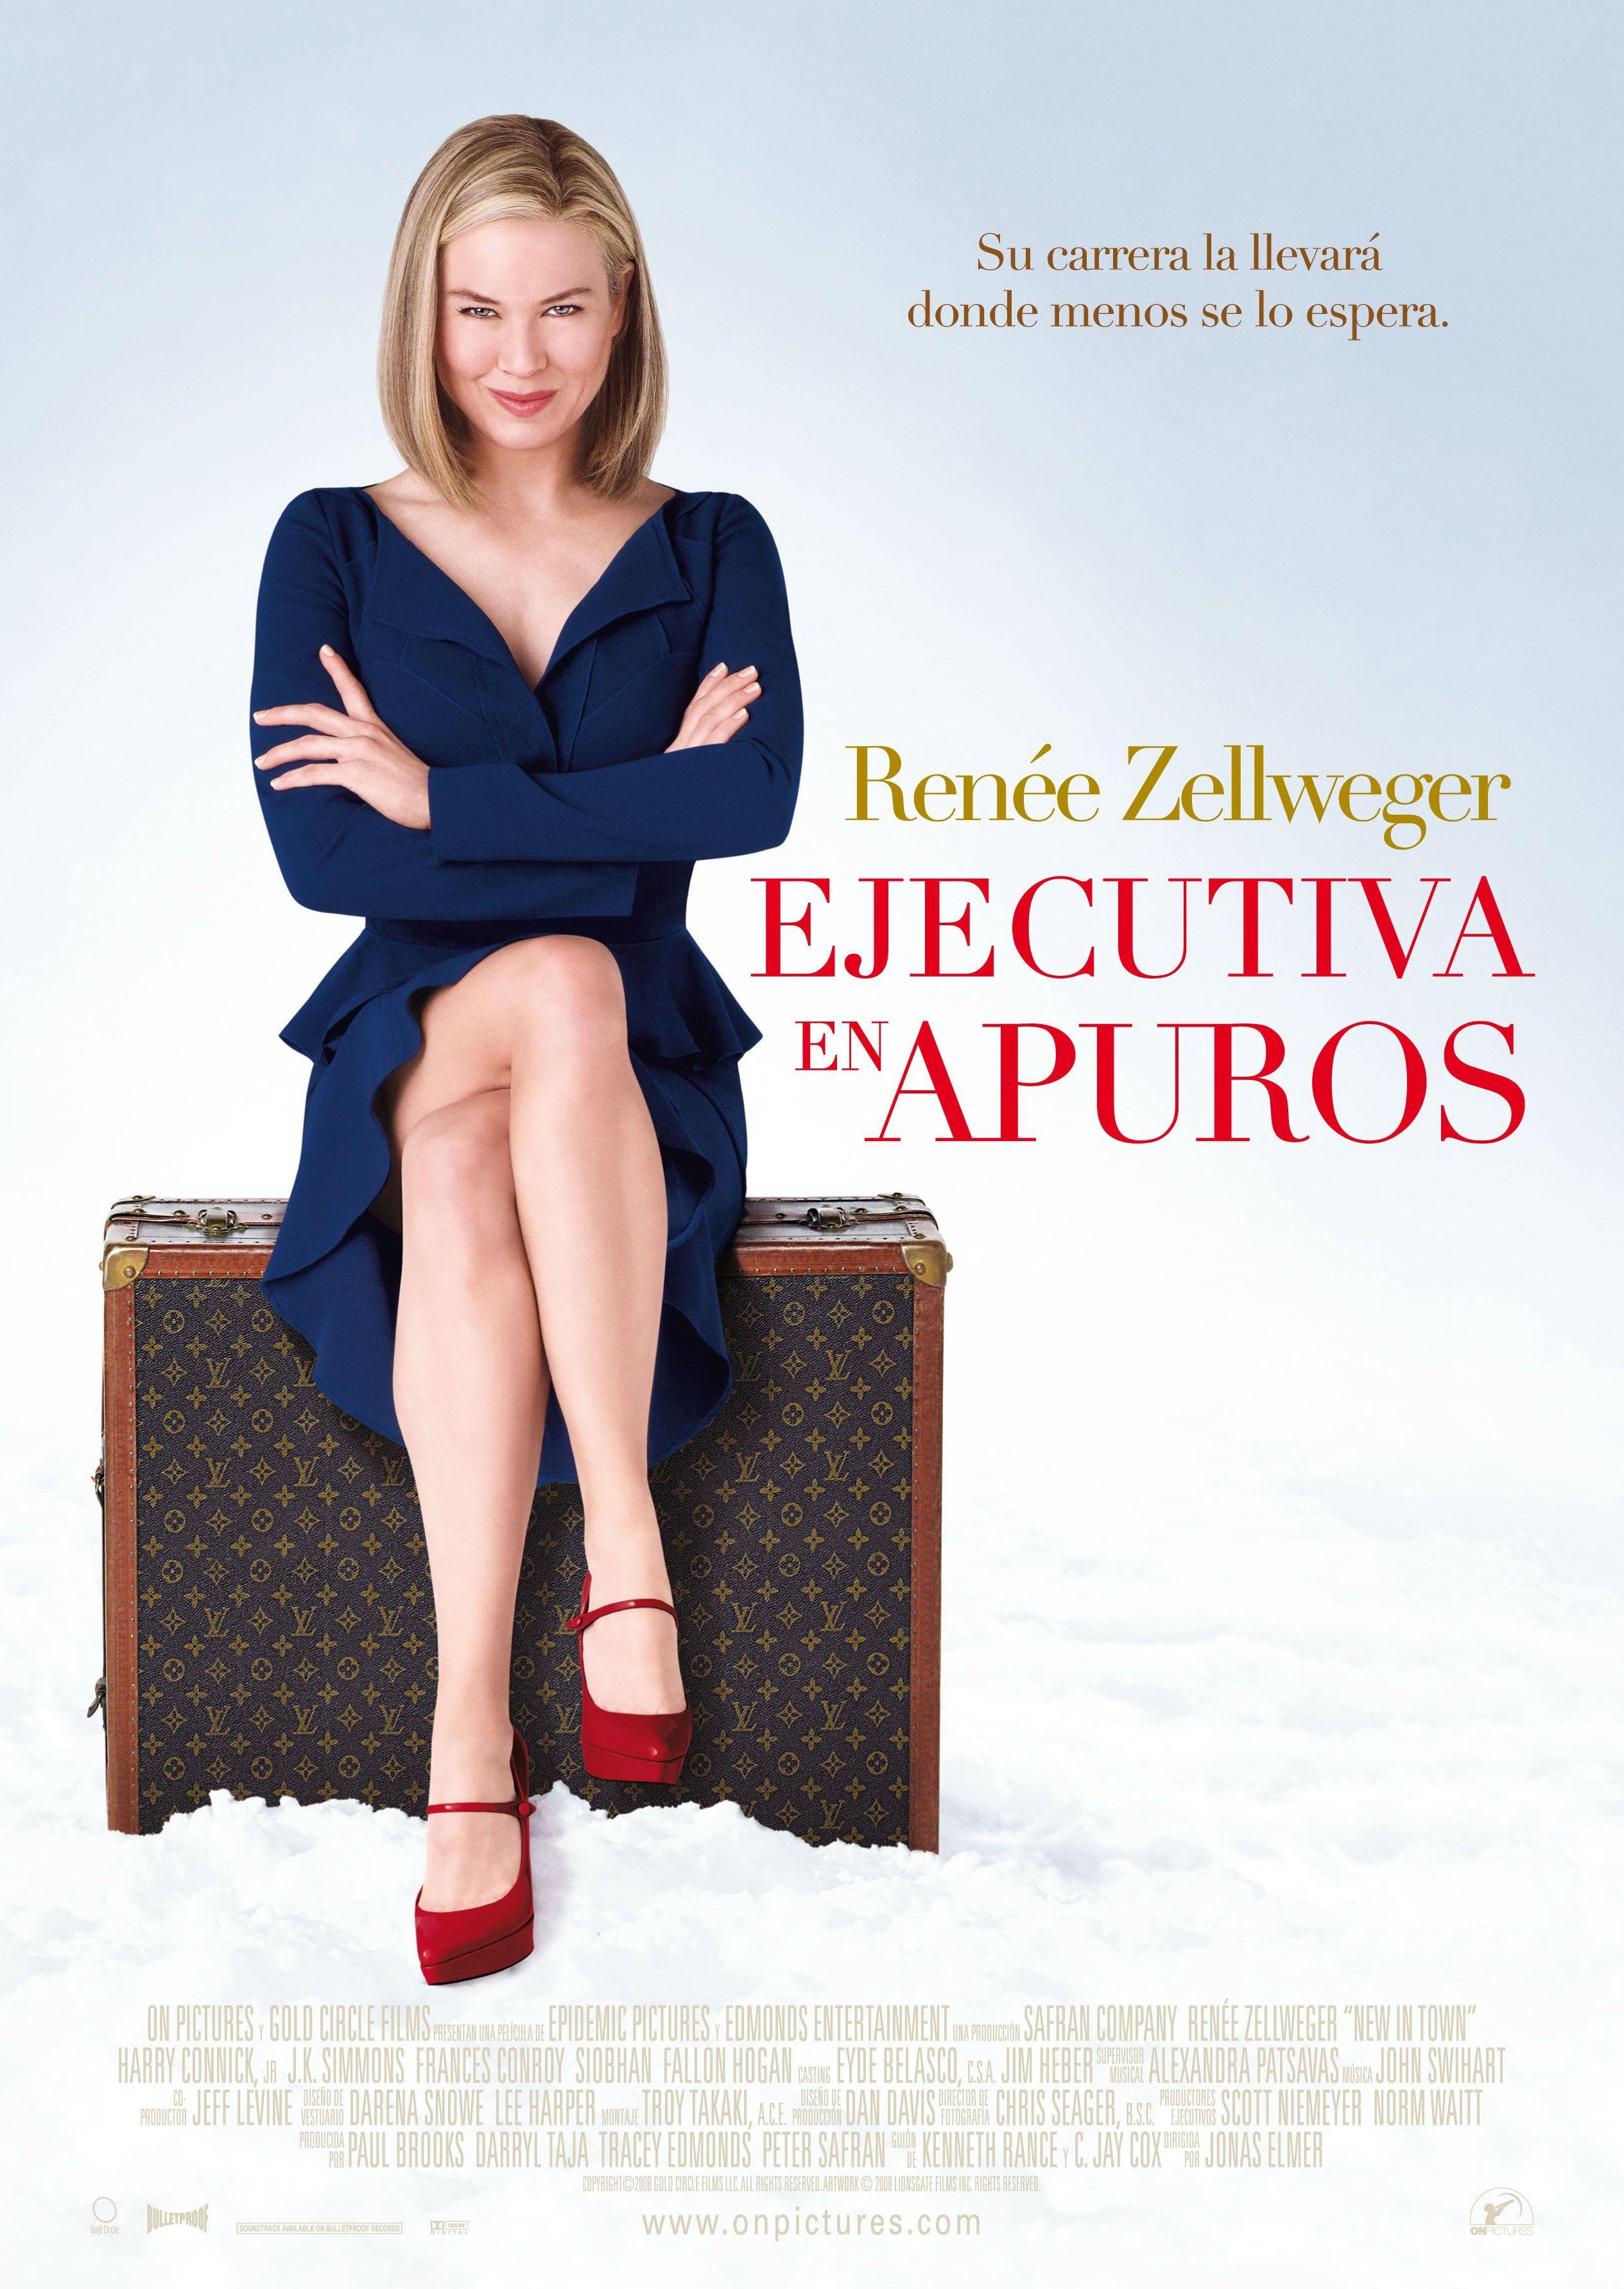 Ejecutiva En Apuros Renee Zellweger Peliculas Películas Completas